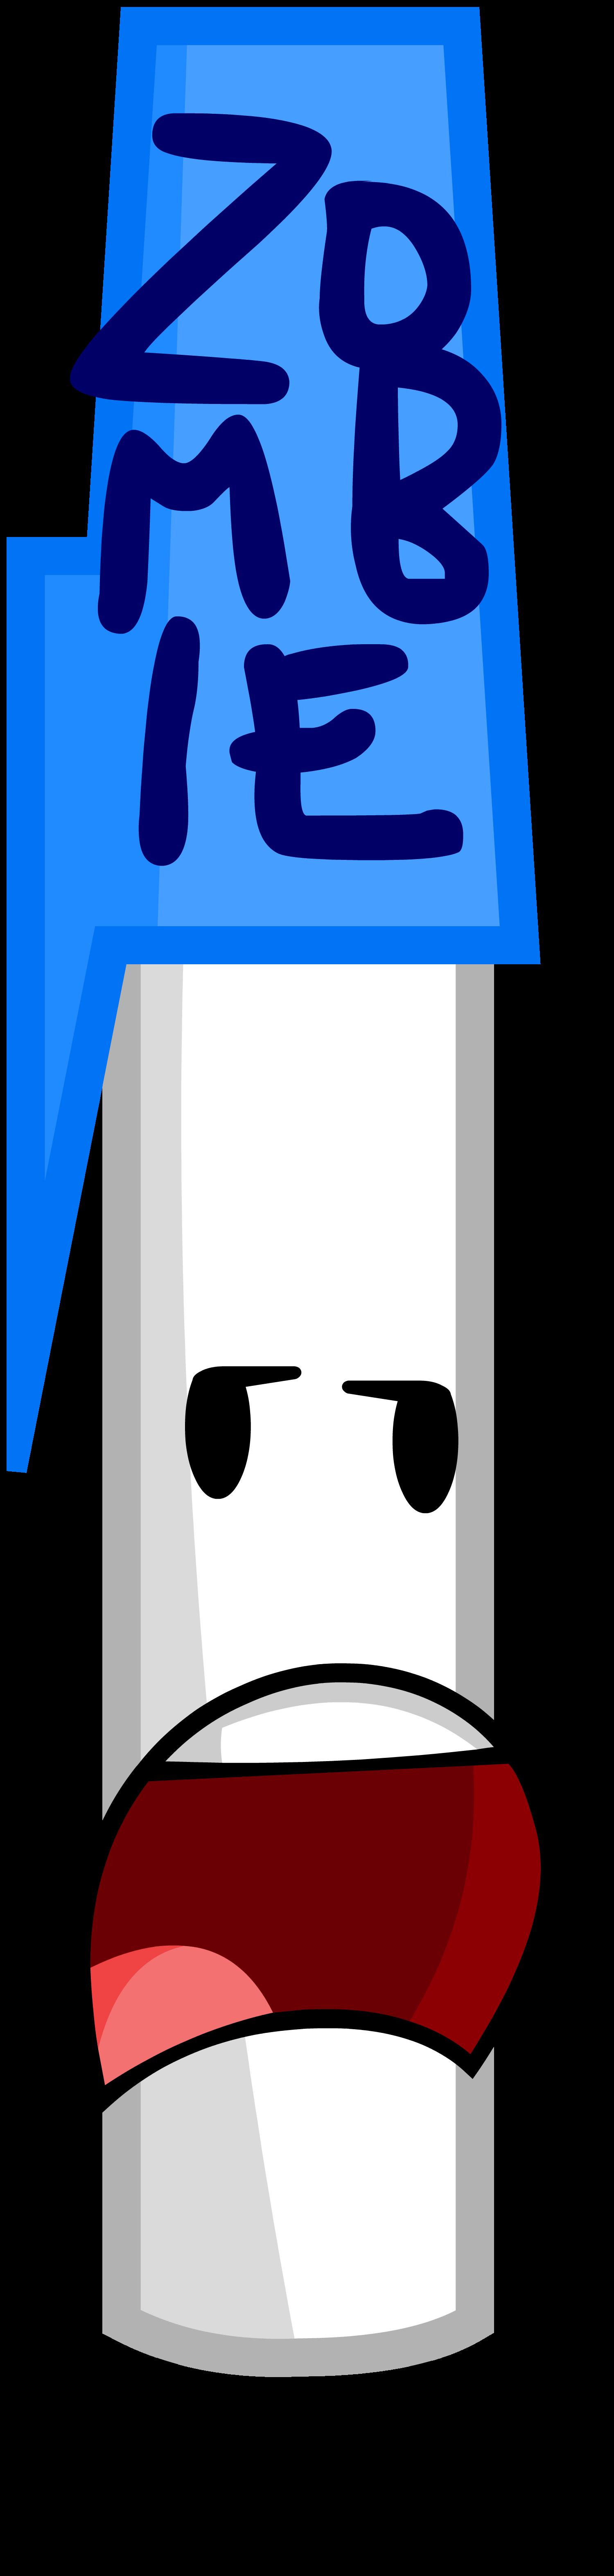 Rc Zombie Pen